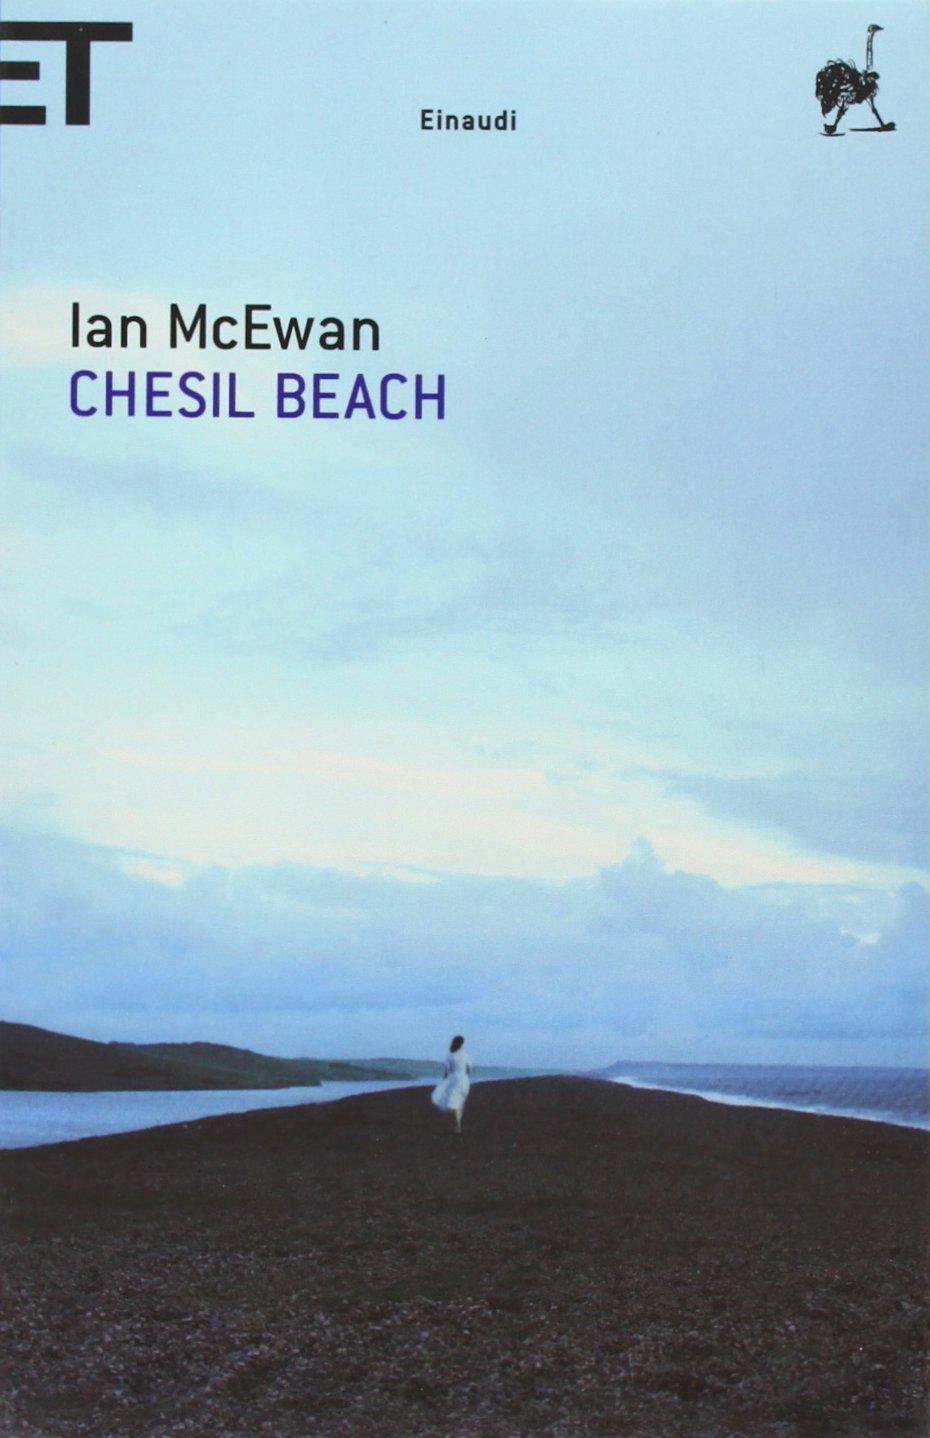 Amazon.it: Chesil Beach - McEwan, Ian, Basso, Susanna - Libri